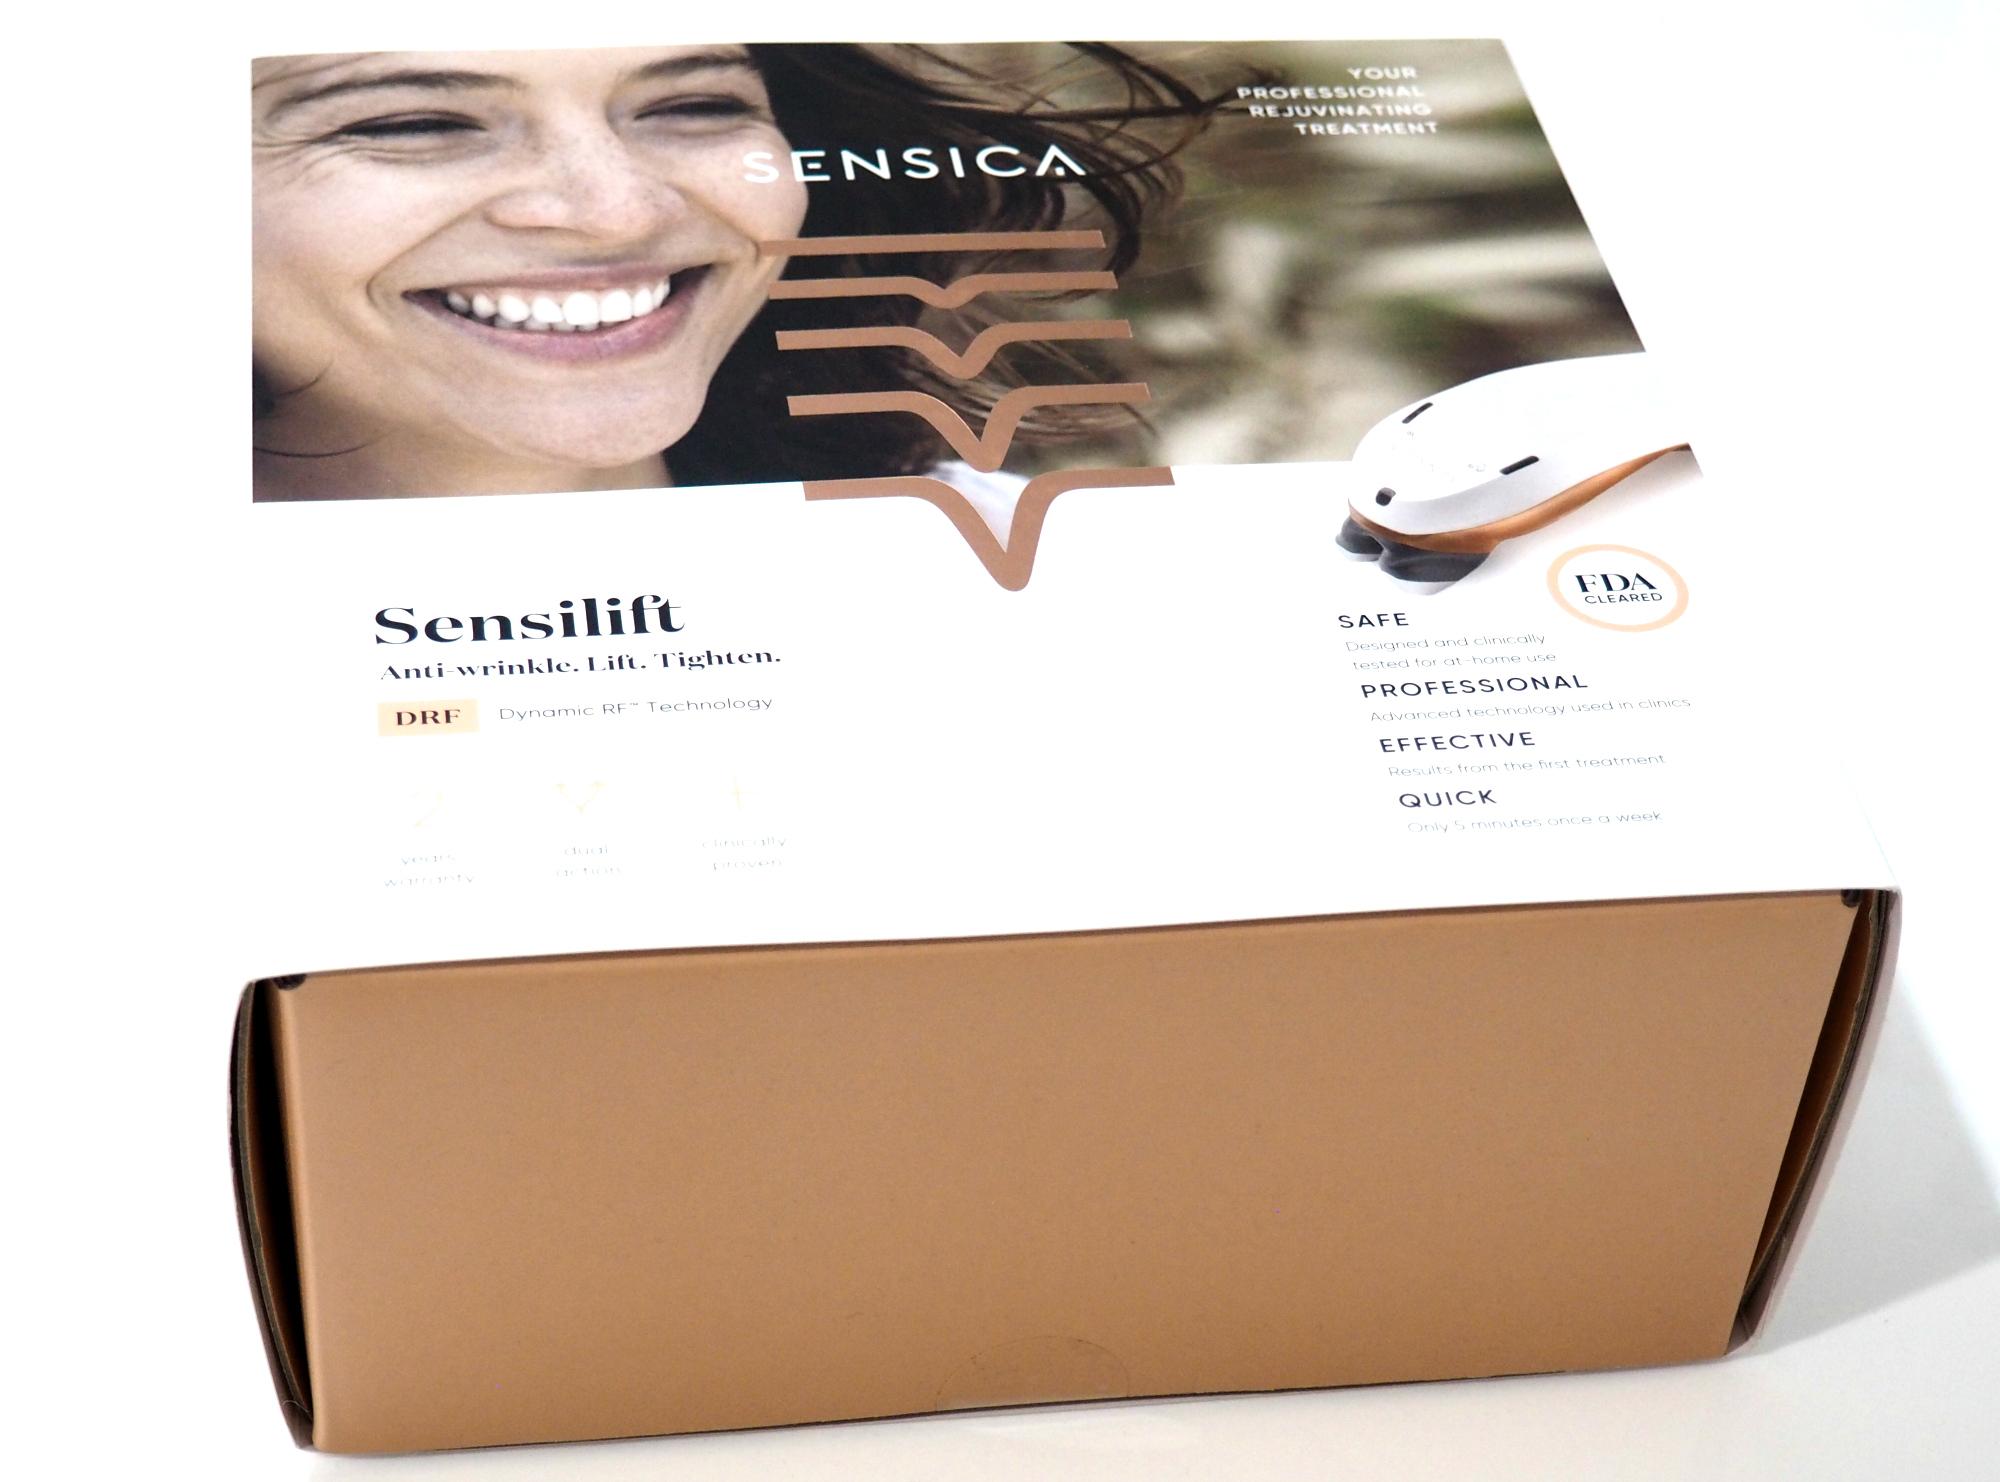 Sensica Sensilift Anti-Aging Device